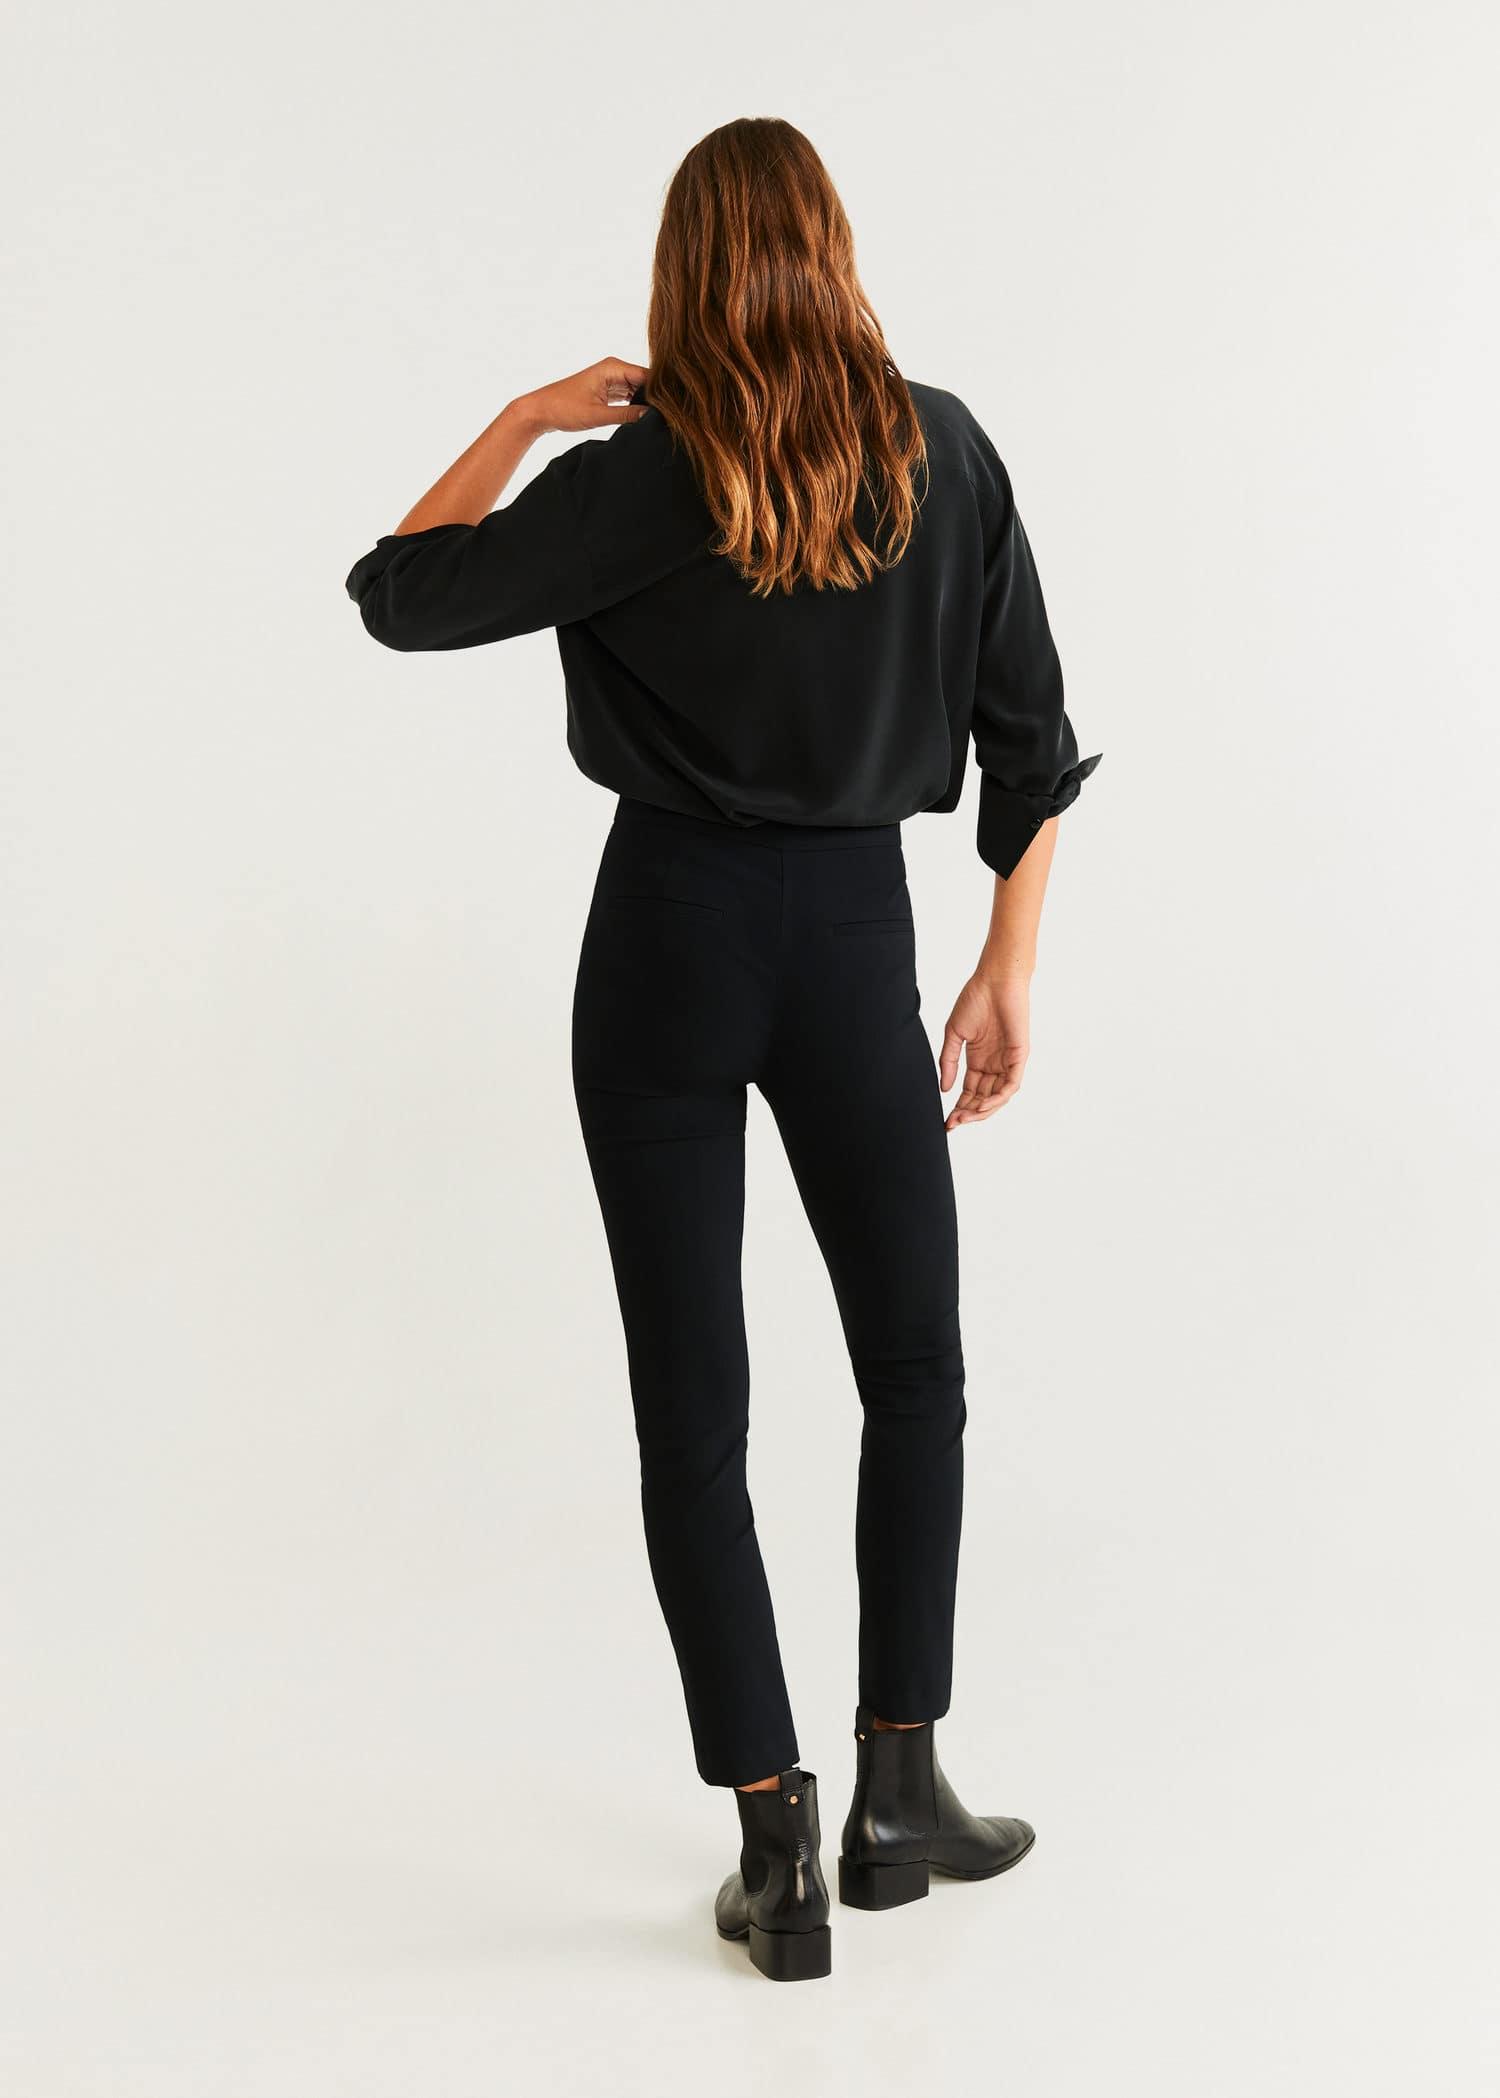 la meilleure attitude 5a24c fb083 Pantalon pour Femme 2019   Mango France